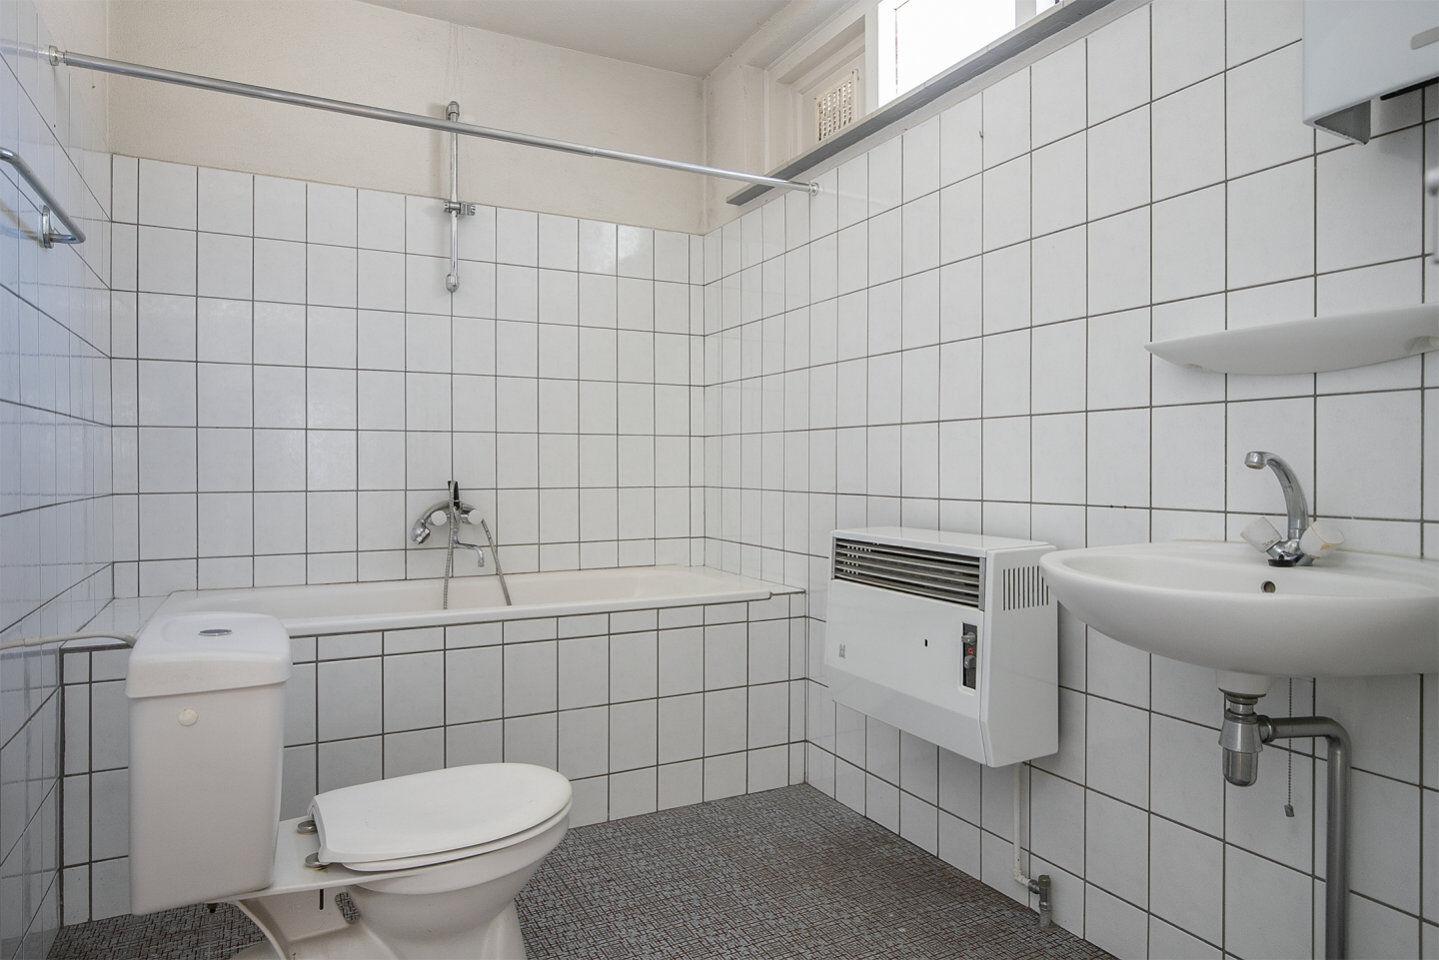 27203-de_ram_van_hagedoornstraat_13-steenbergen-303951611